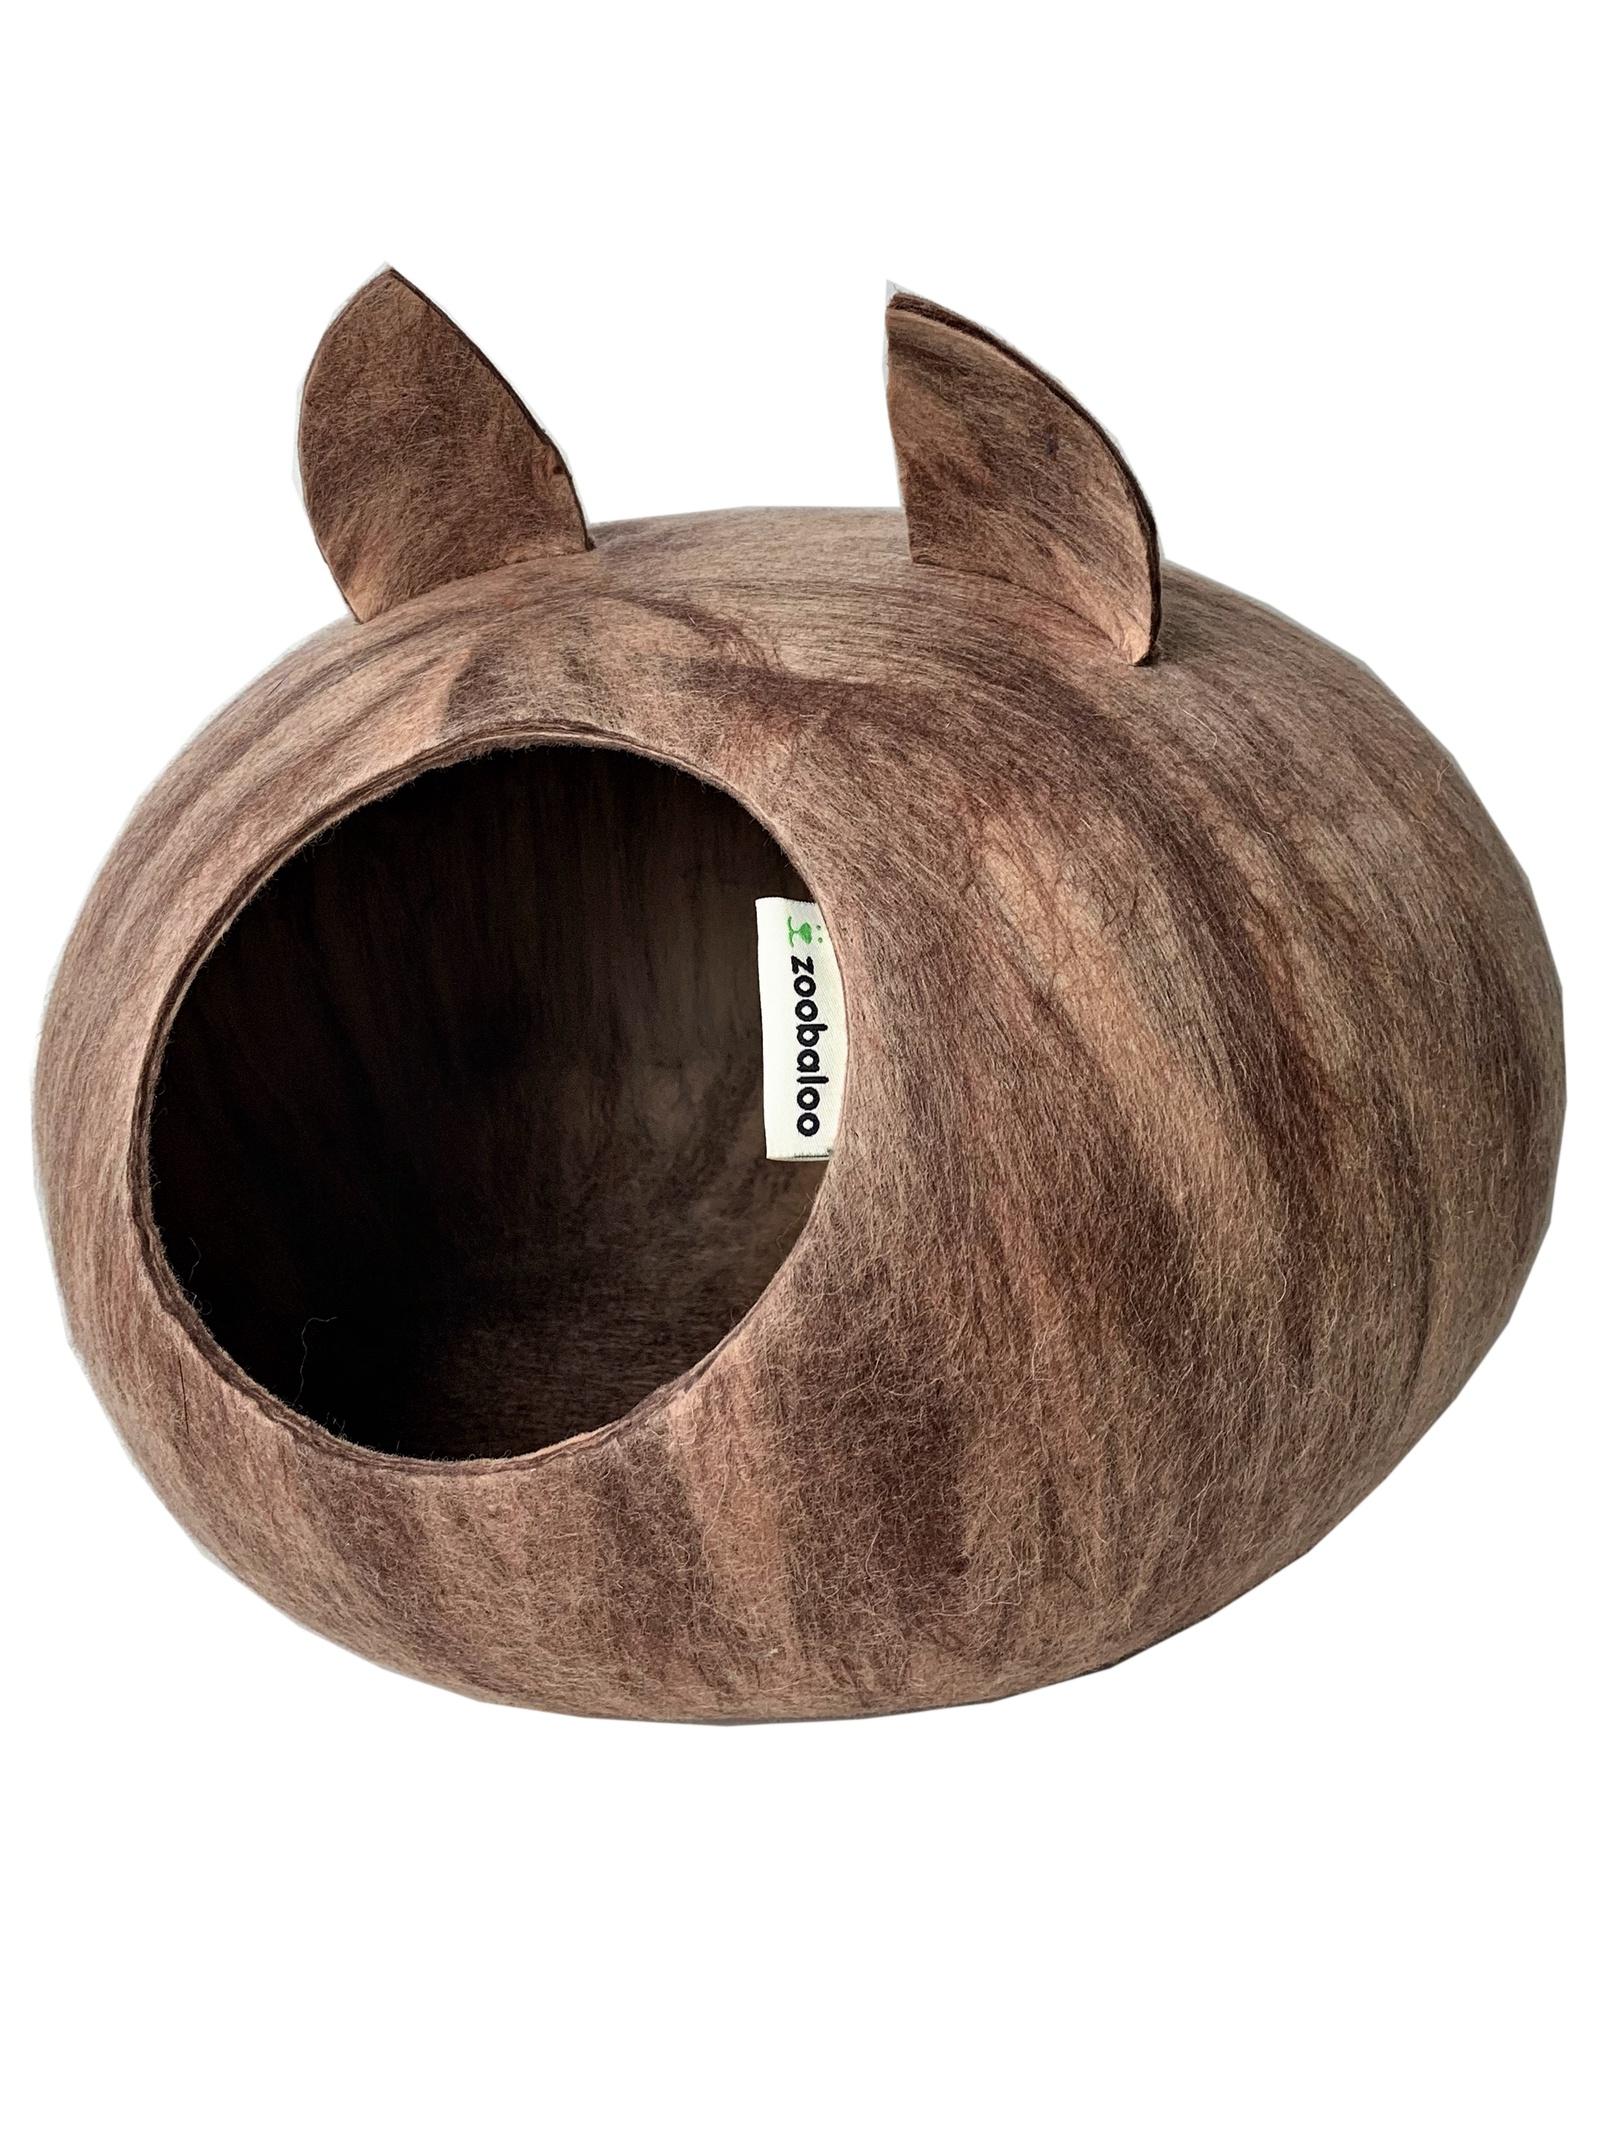 Домик для кошек и собак WoolPetHouse с ушками, розовый жемчуг, L домик слипер для животных zoobaloo woolpethouse с ушками цвет синий размер l